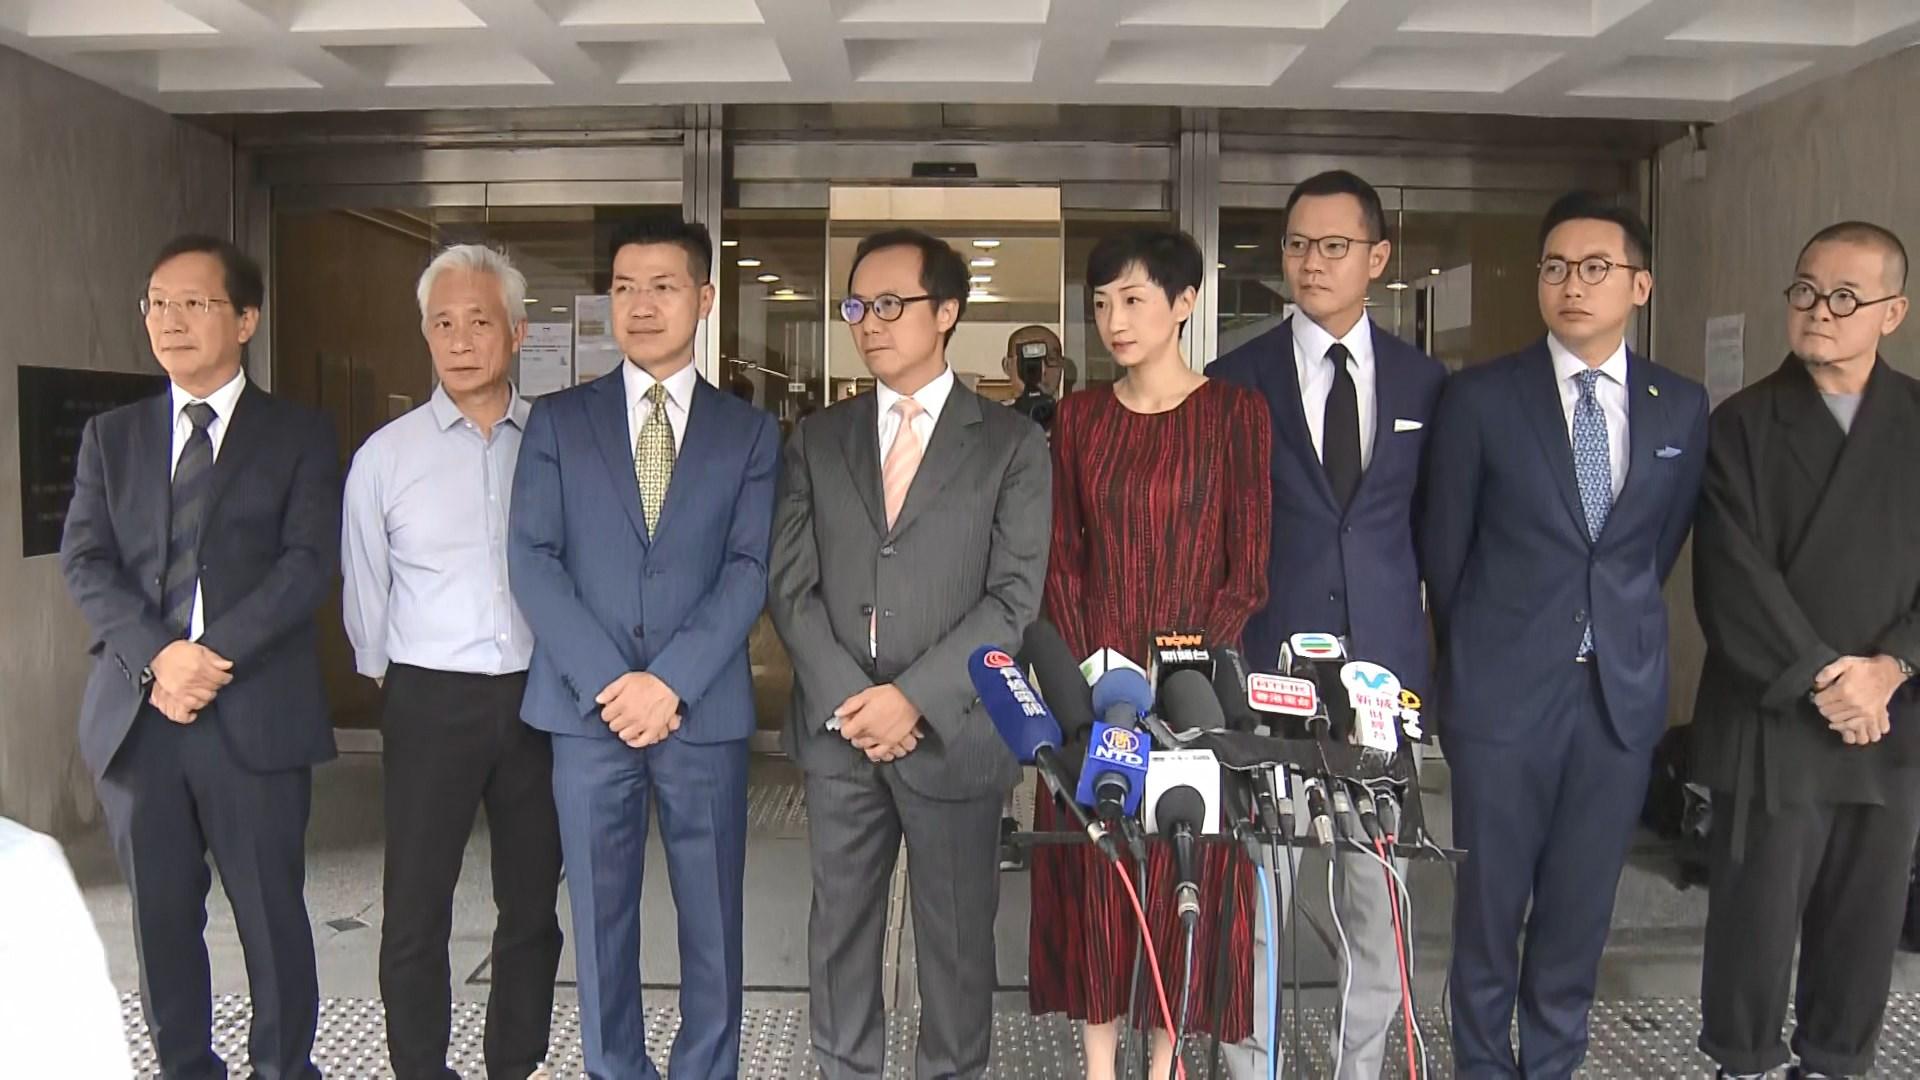 陳文敏:市民蒙面可有合理原因 禁蒙面法侵害言論集會自由